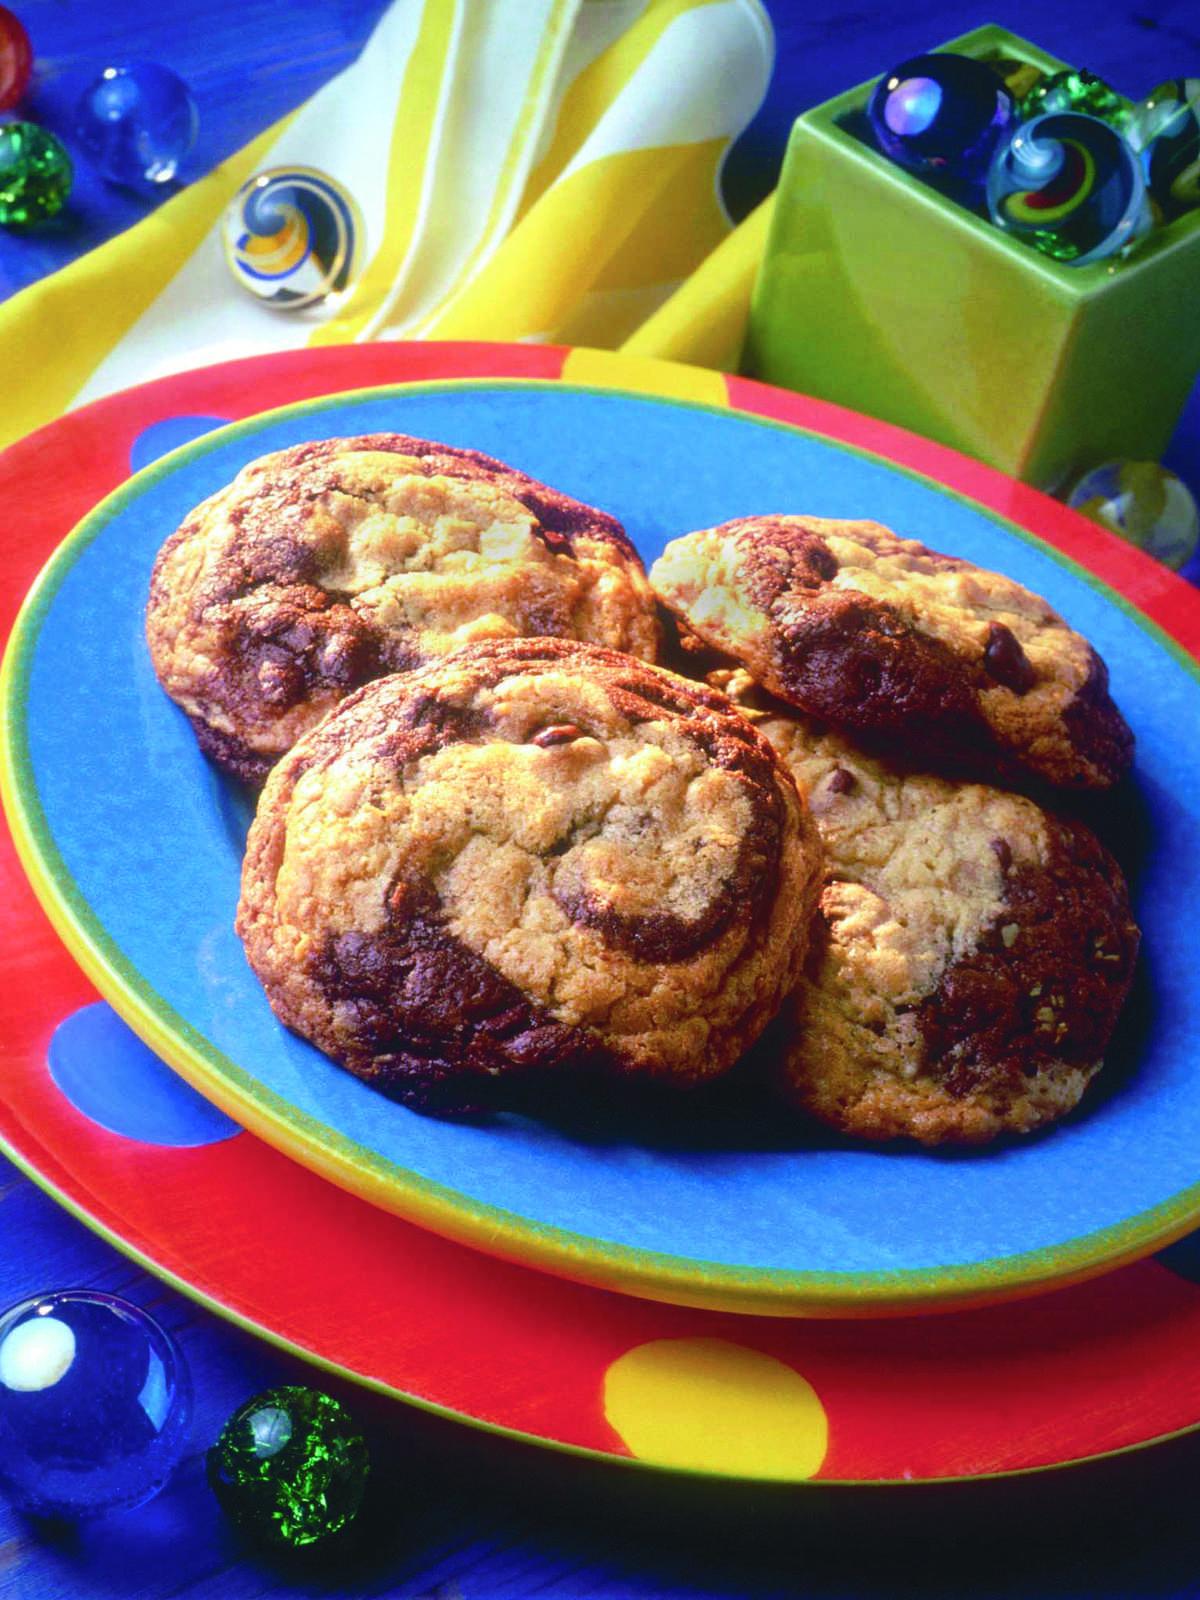 Biscuits au Gruau Marbrés aux Brisures de Chocolat